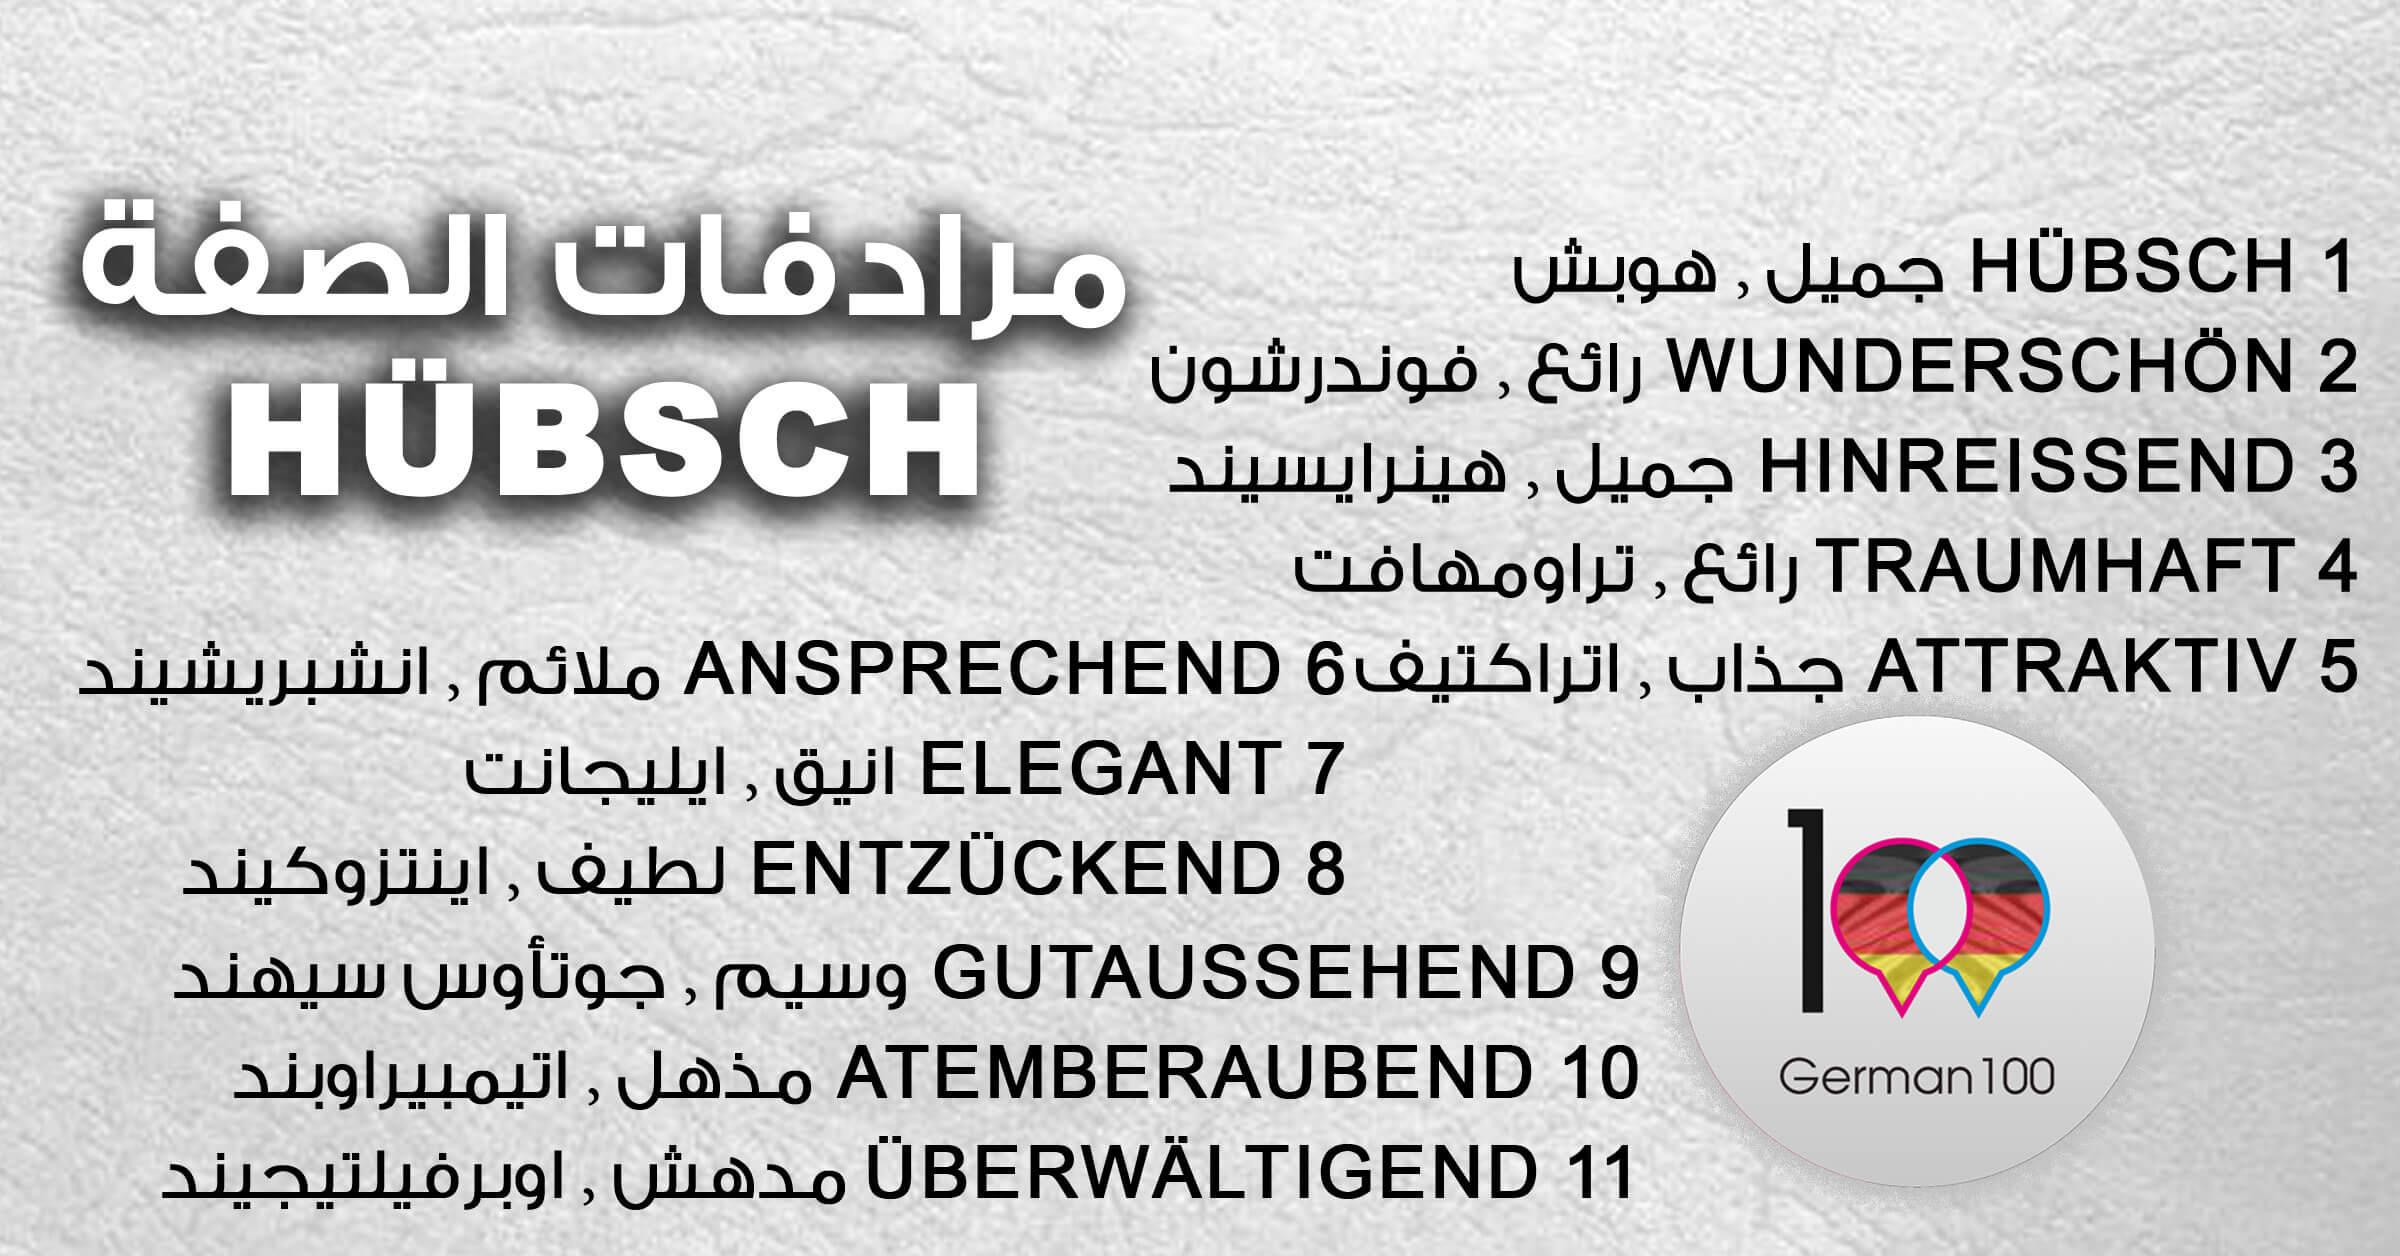 مرادفات الصفة Hübsch - تعلم اللغة الالمانية Untitled 1 1 1 تعلم اللغة الالمانية